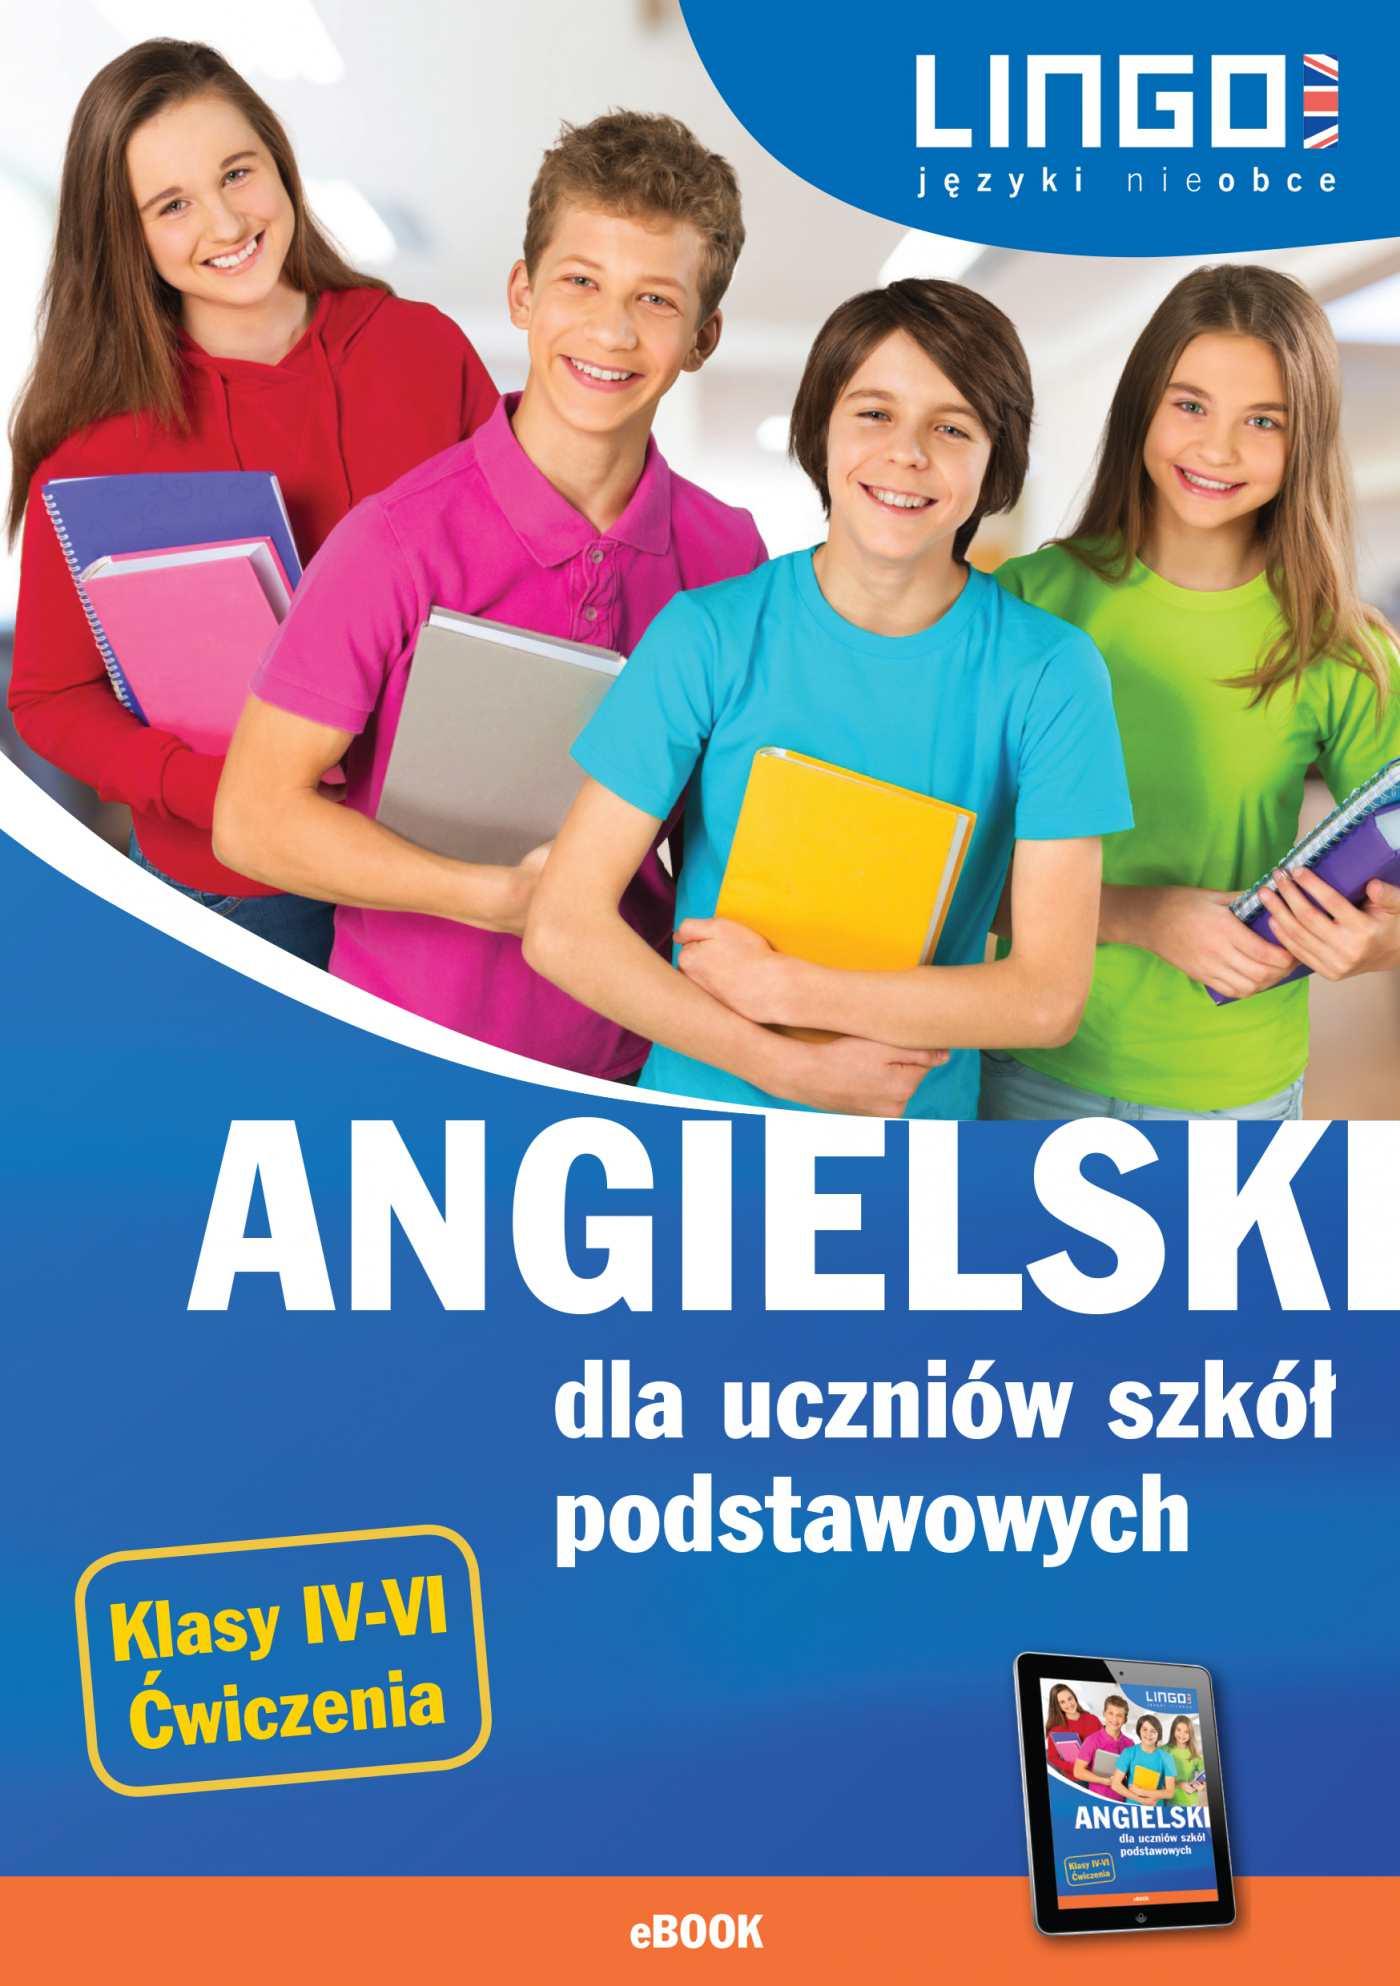 Angielski dla uczniów szkół podstawowych. eBook - Ebook (Książka PDF) do pobrania w formacie PDF